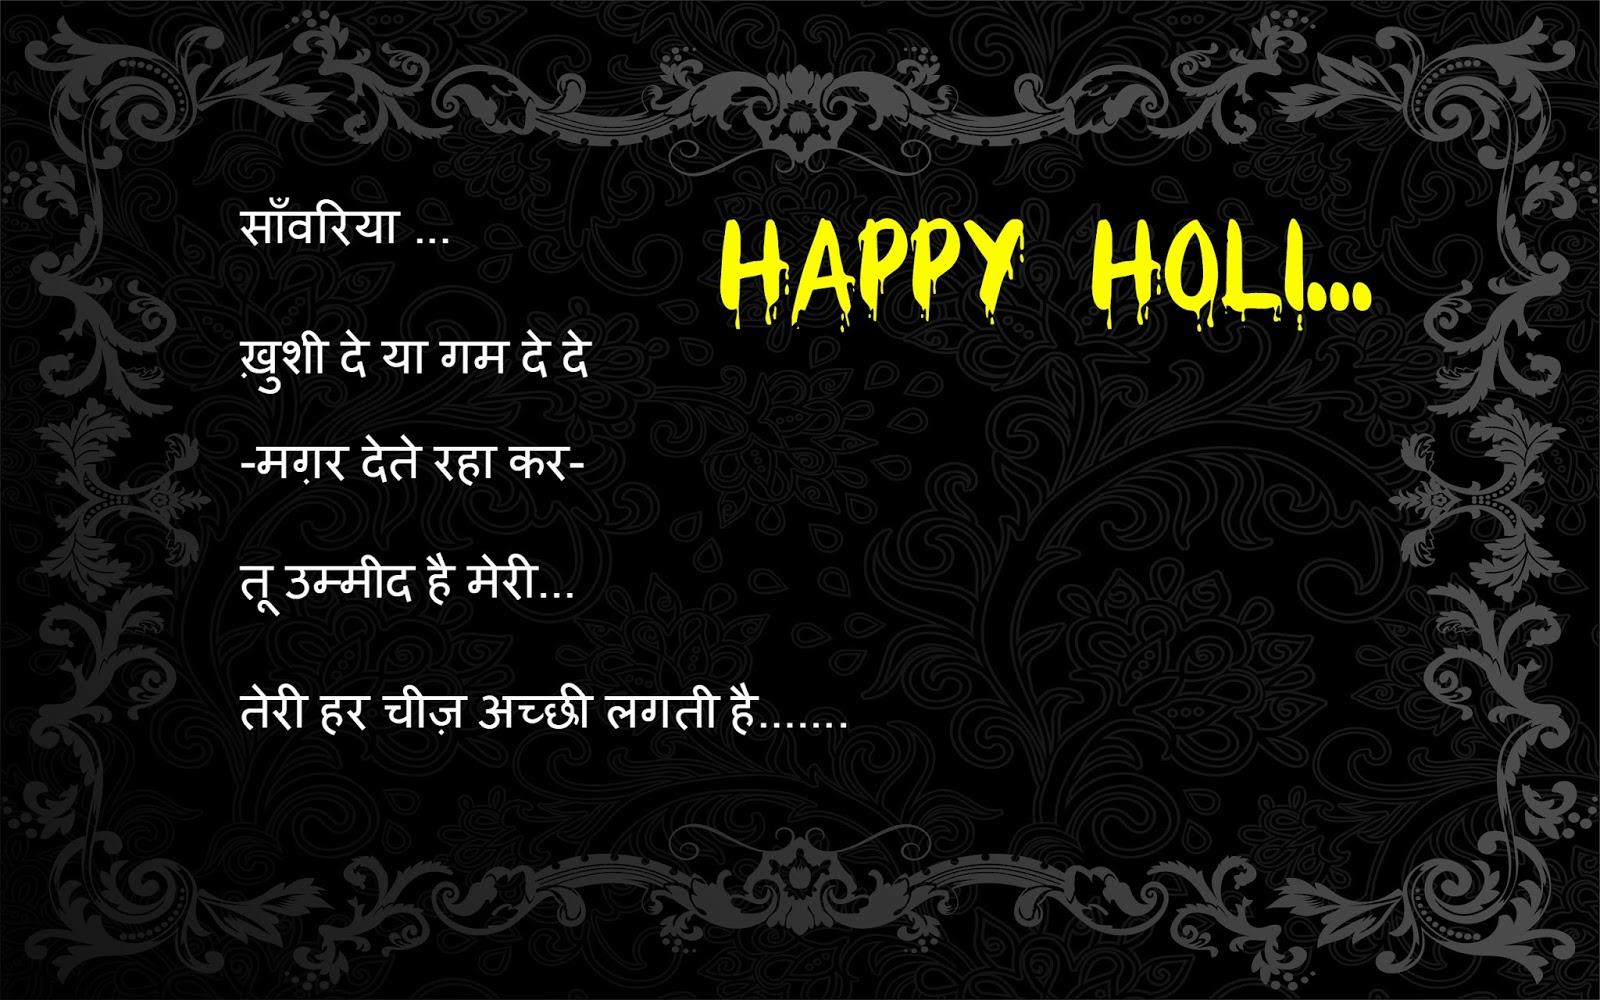 holi holi img2016%2B%25284%2529 - Best Shayari images of holi 50+